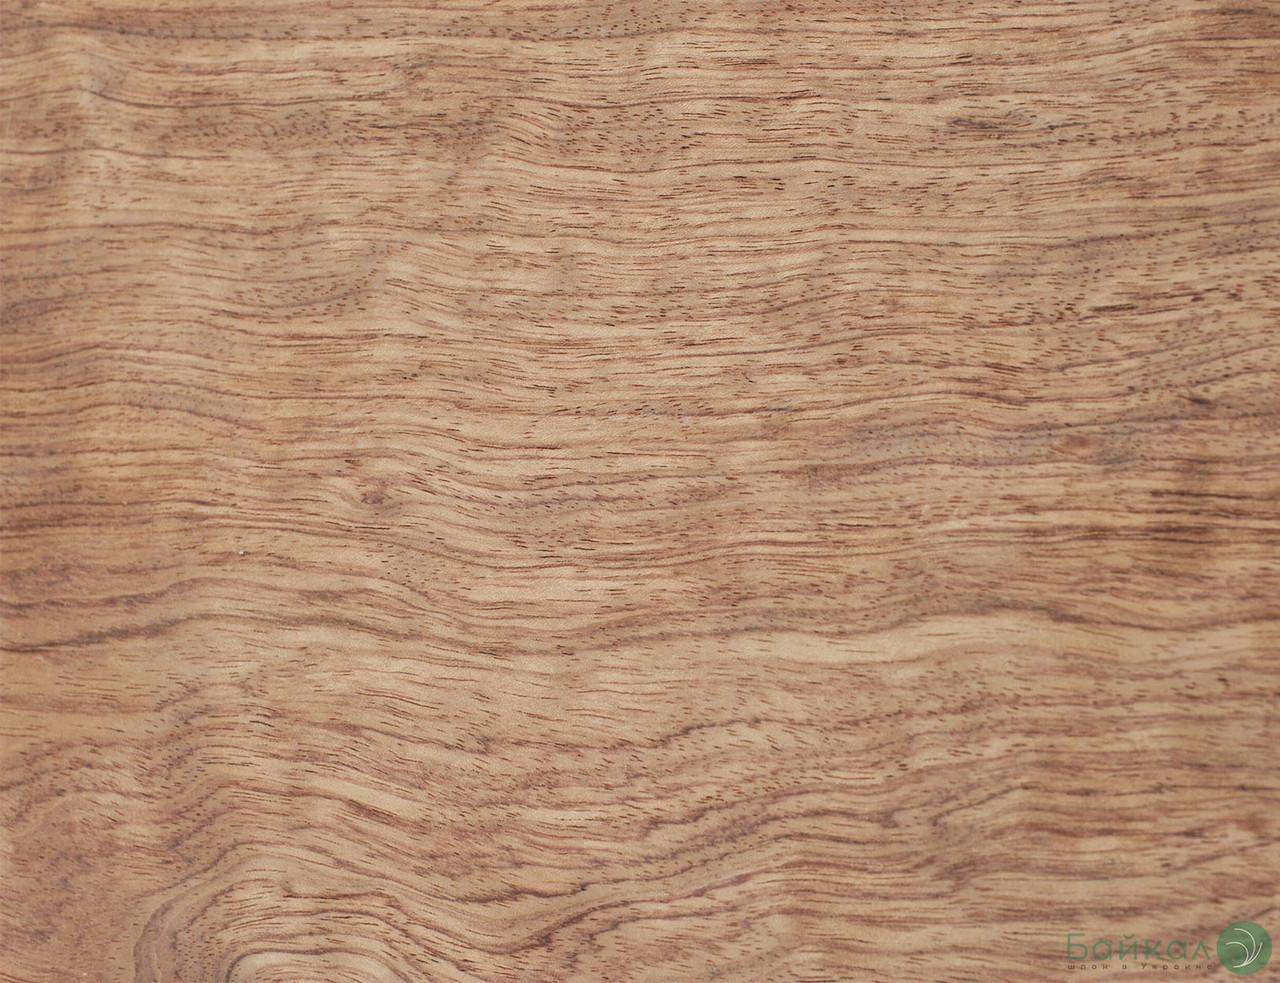 Шпон Бубинга Кевазинго (строганный) Logs - 0,55 мм 2,60 м+/10 см+